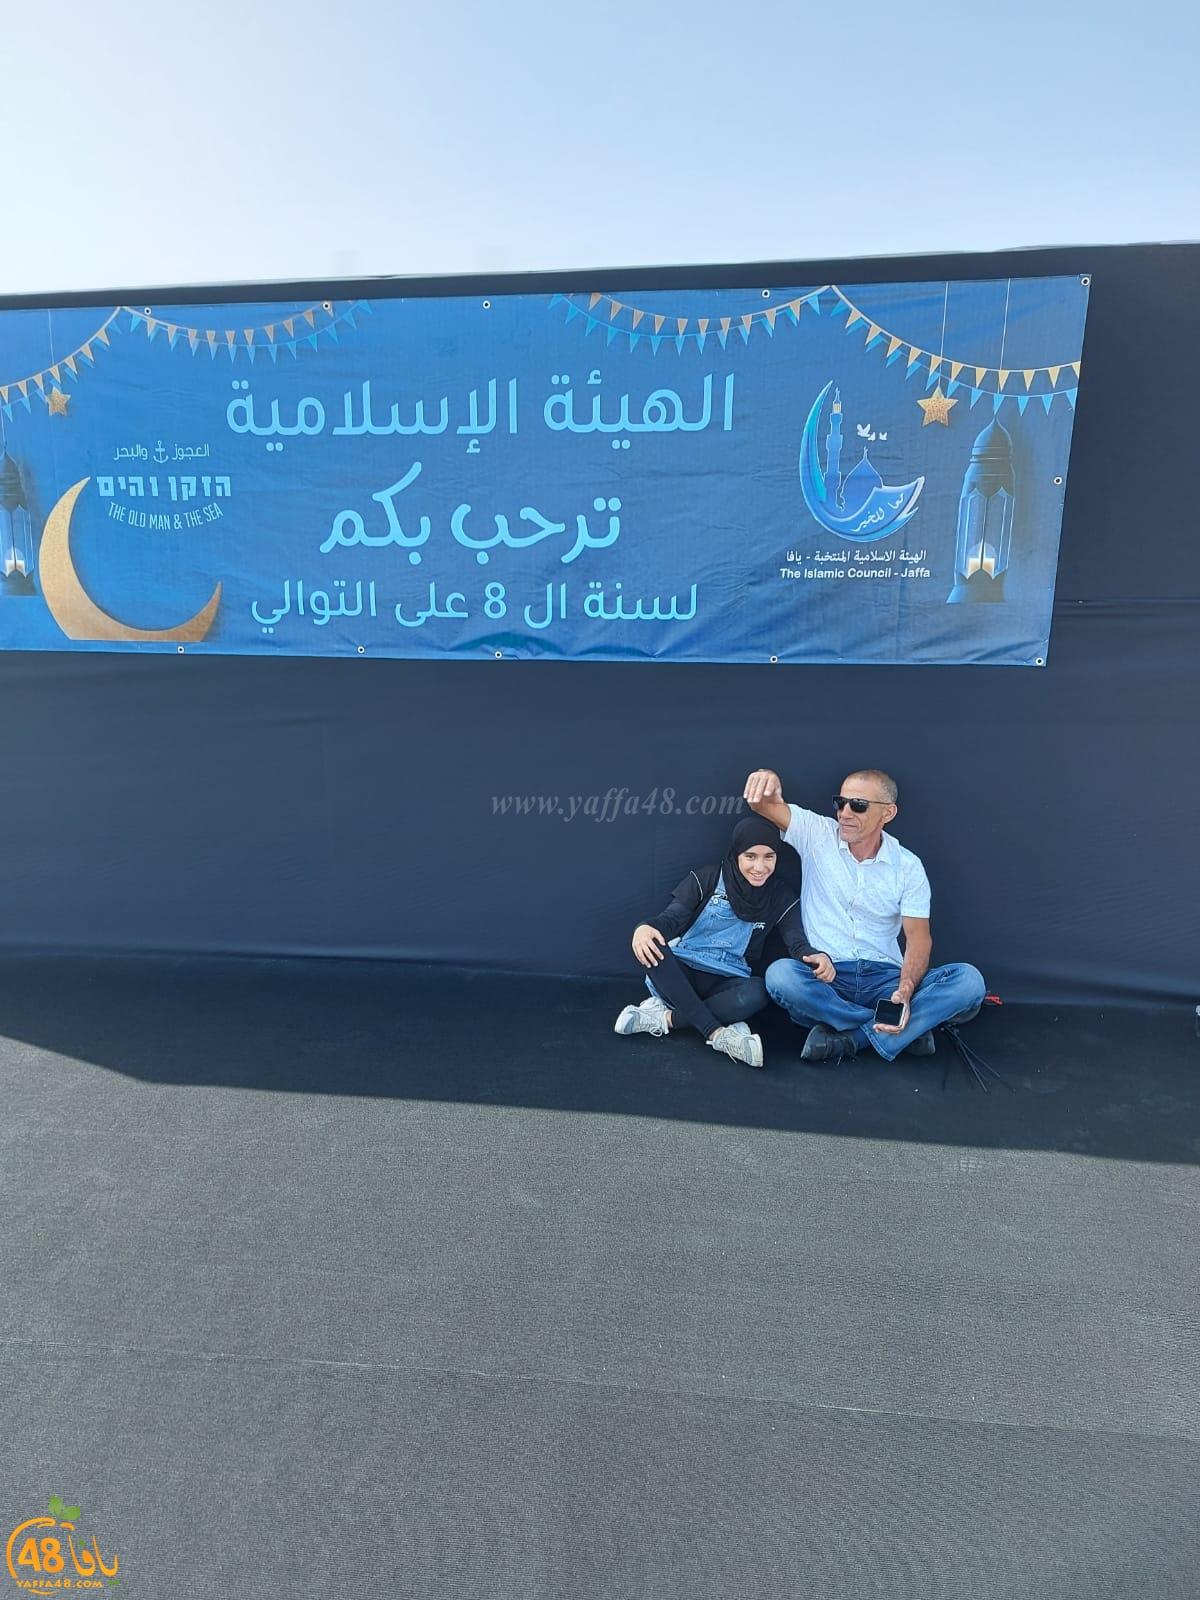 فيديو: وضع اللمسات الأخيرة استعداداً للإفطار الجماعي في ميناء يافا